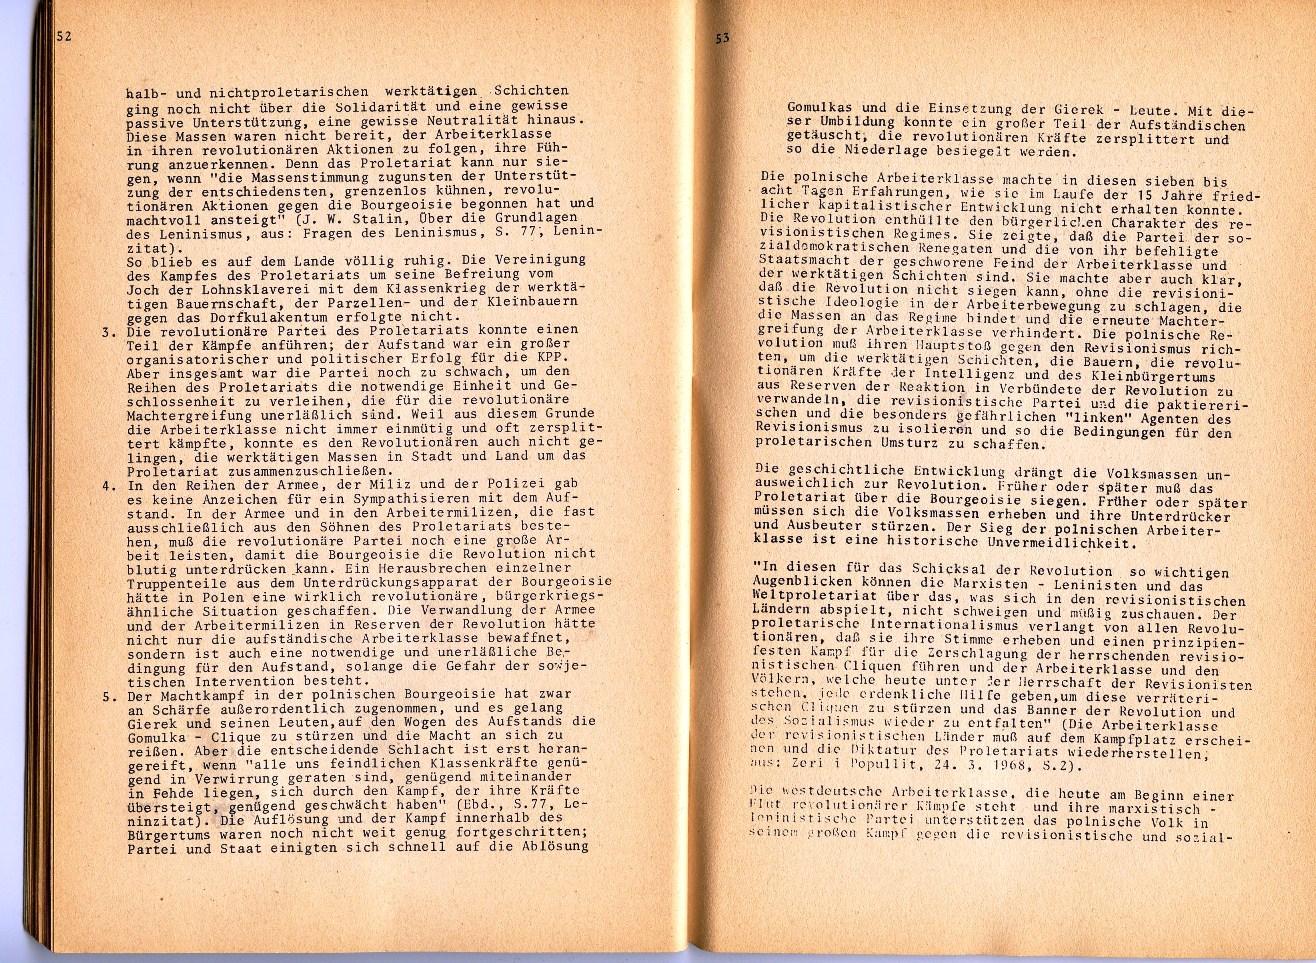 ZB_Polen_Aufstand_1971_30